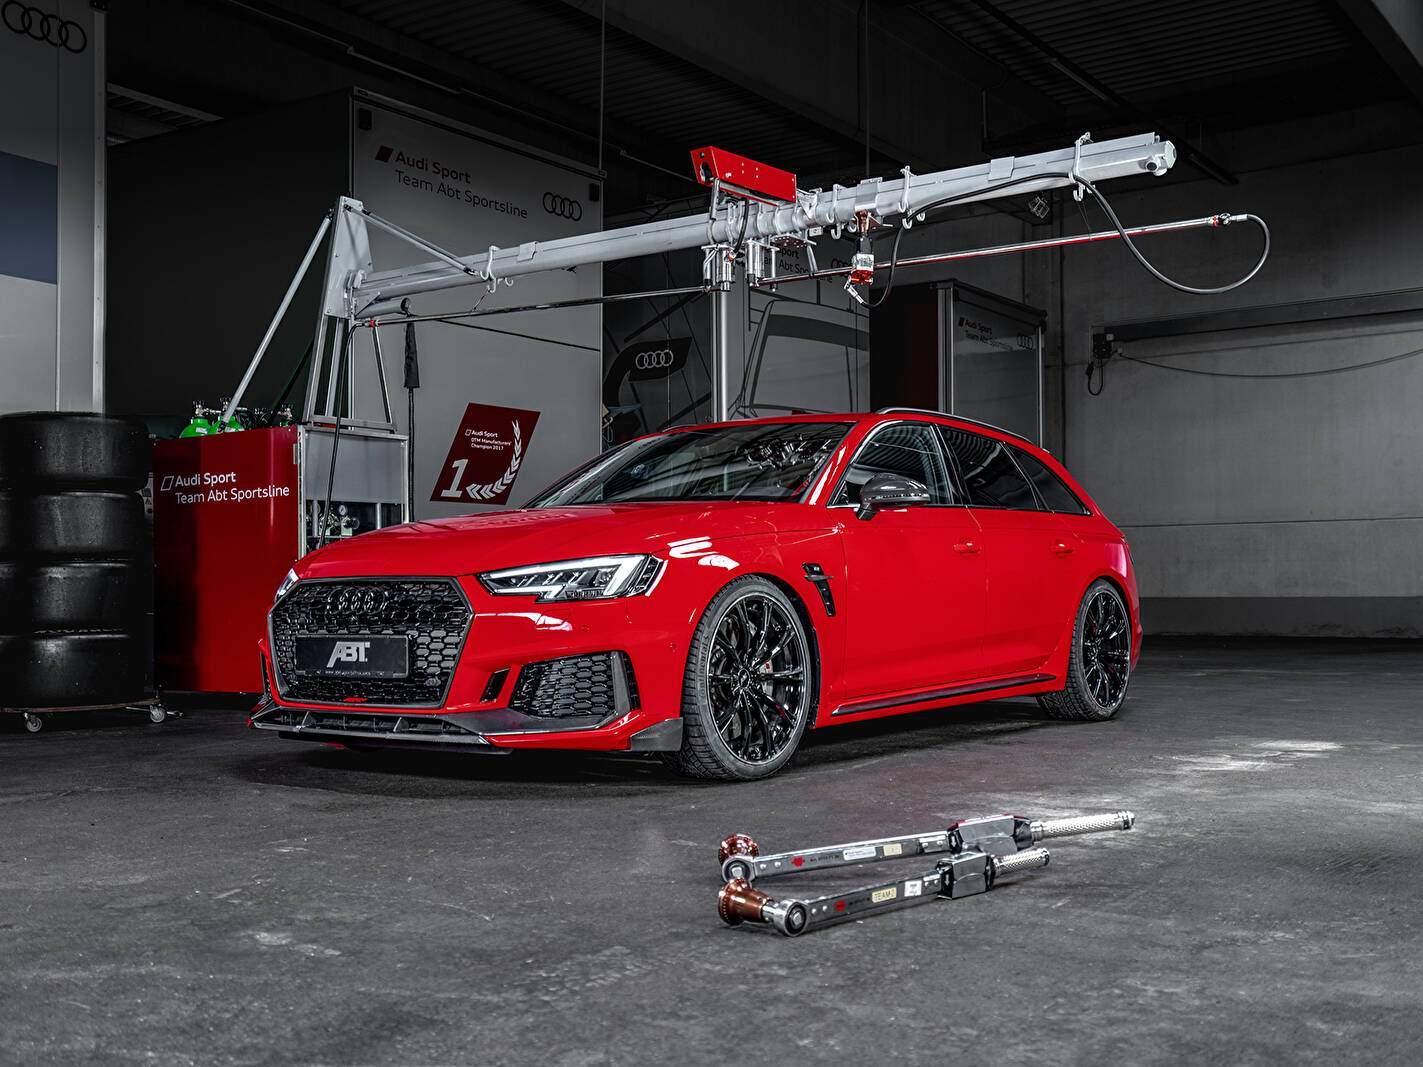 Fiche technique Abt Sportsline RS4+ Avant 2019